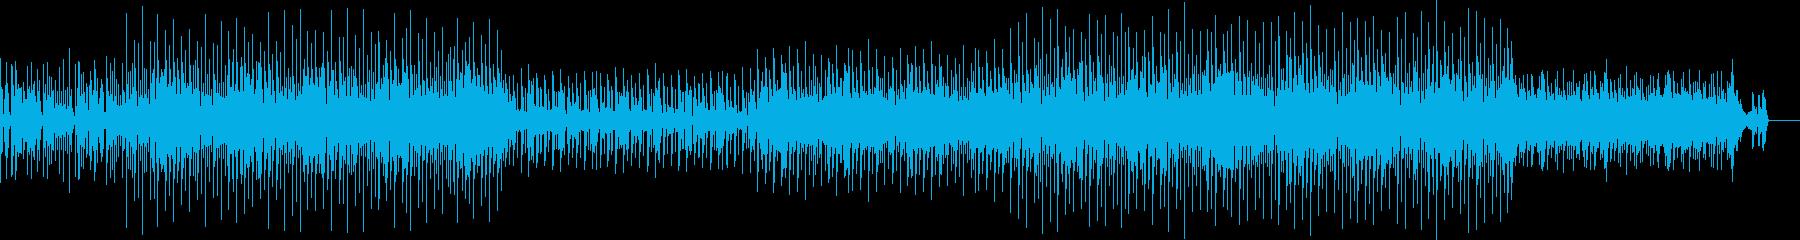 未来感を感じるビートBGMの再生済みの波形